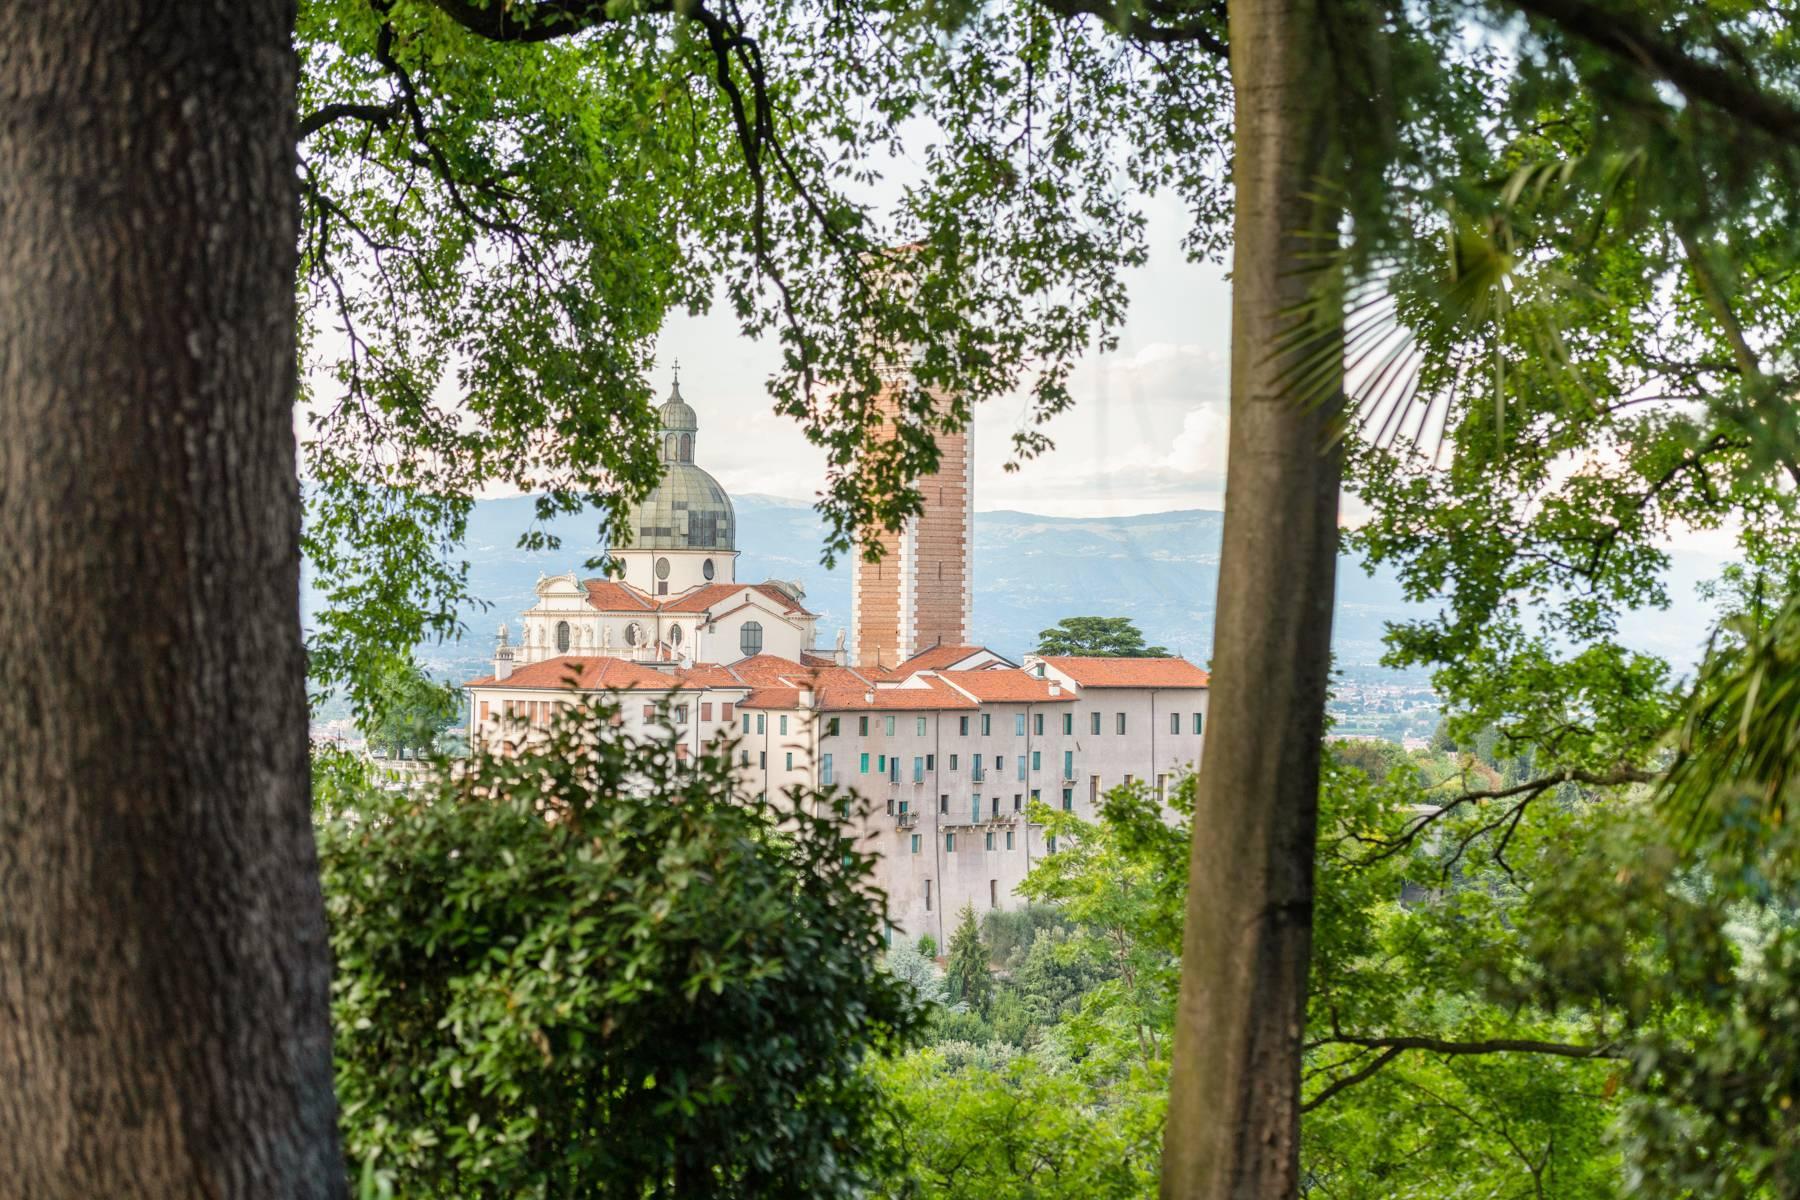 Elegante villa storica con parco privato sulla sommità del Monte Berico - 32